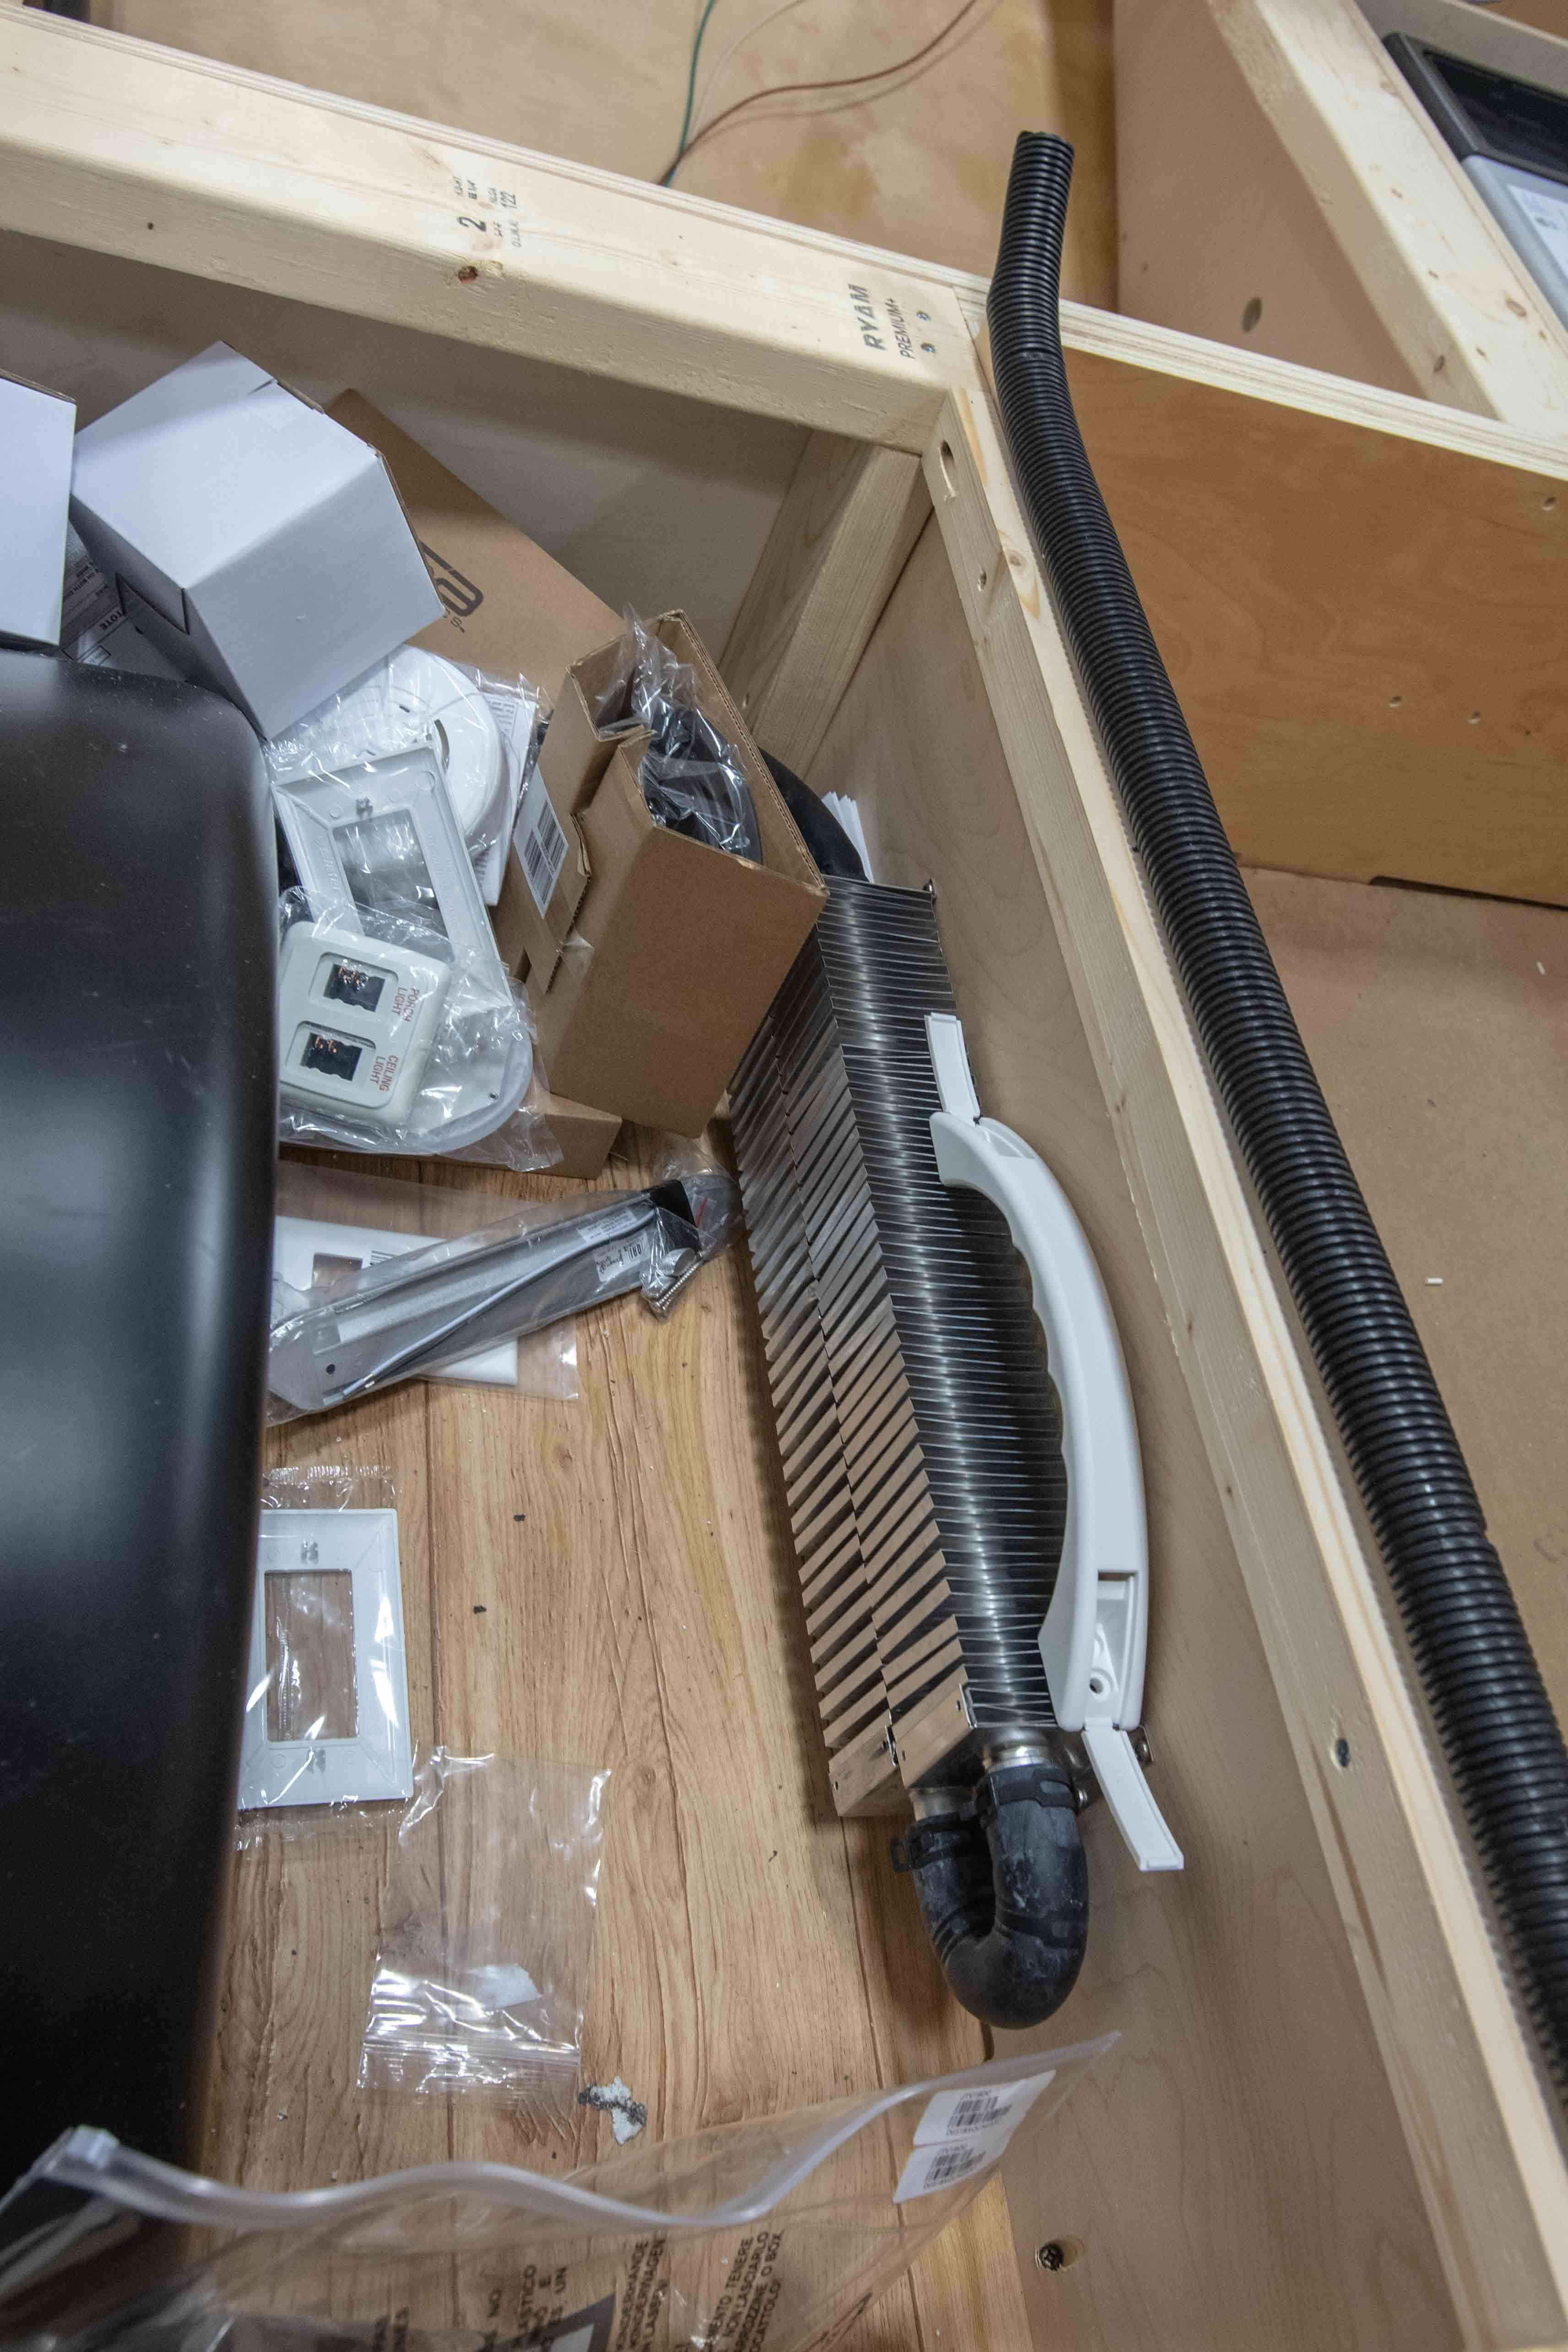 Photos de T@B 320 d'usine montrant les emplacements des objets avant qu'ils ne soient cachés dans les murs Tgwu5867z0om